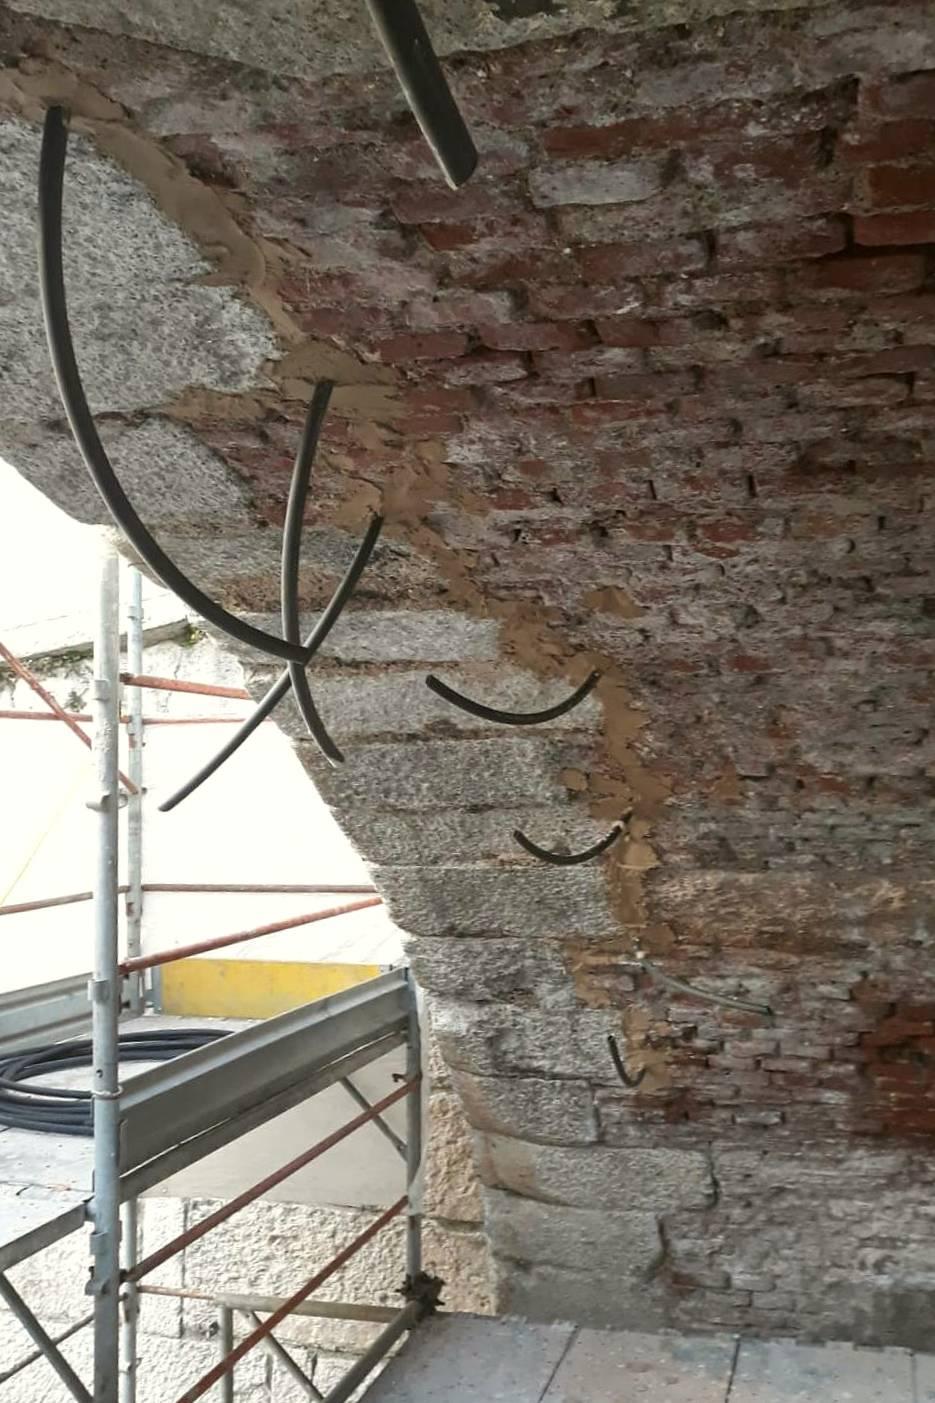 Iniezione di malta colloidale a base calce in una lesione di una arcata di un ponte sul Naviglio Grande a Boffalora sopra Ticino - ITON SRL